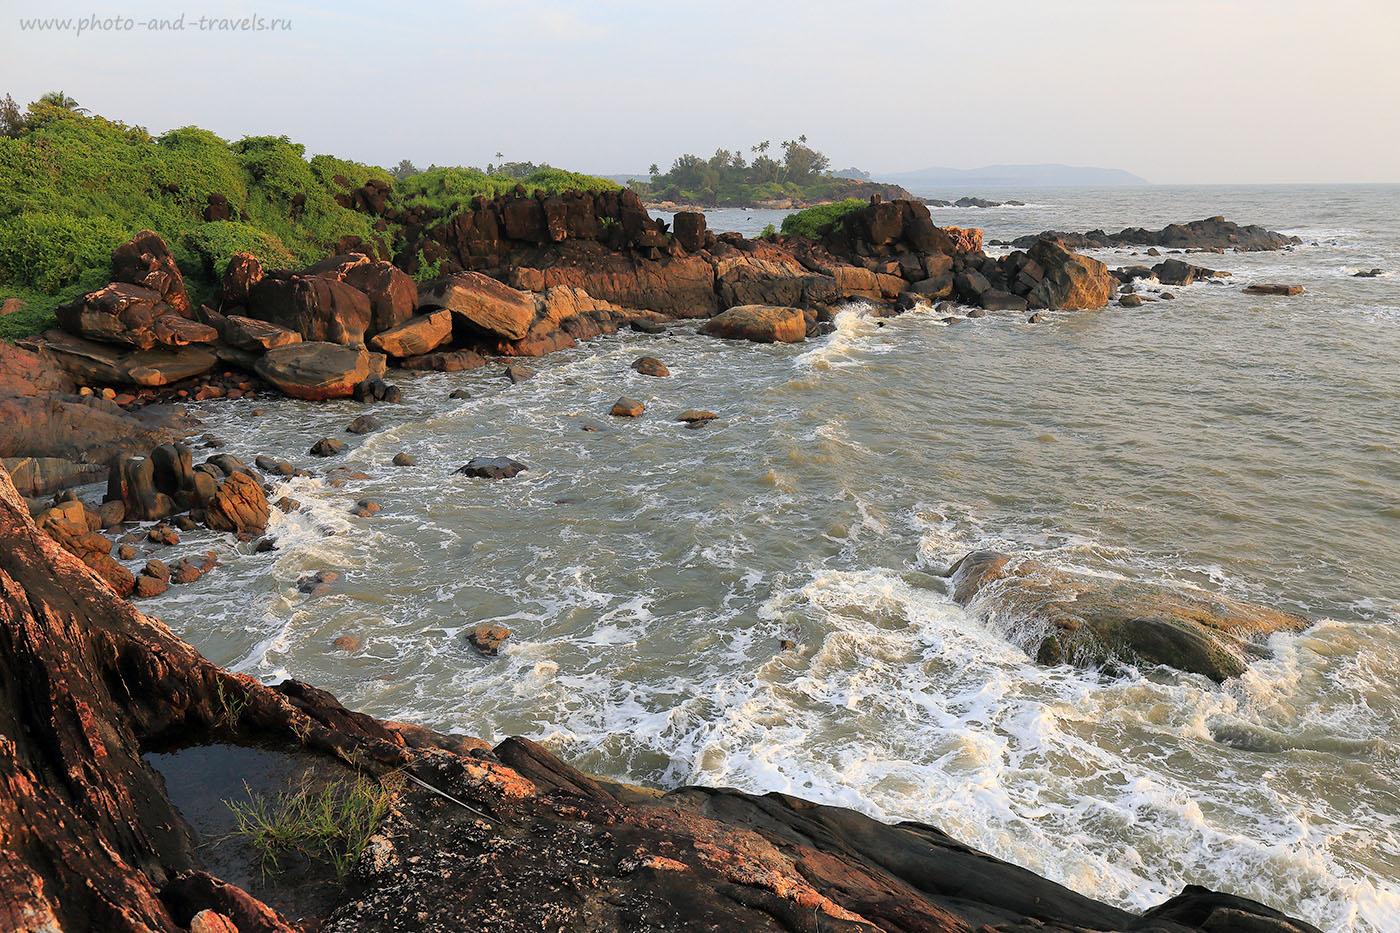 Фотография 12. Скалы, прибой, заливчик. Отдых в Южном Гоа в несезон. Рассказы опытных туристов о поездке в Индию. (24-70, 1/160, -1eV, f9, 24mm, ISO 100)